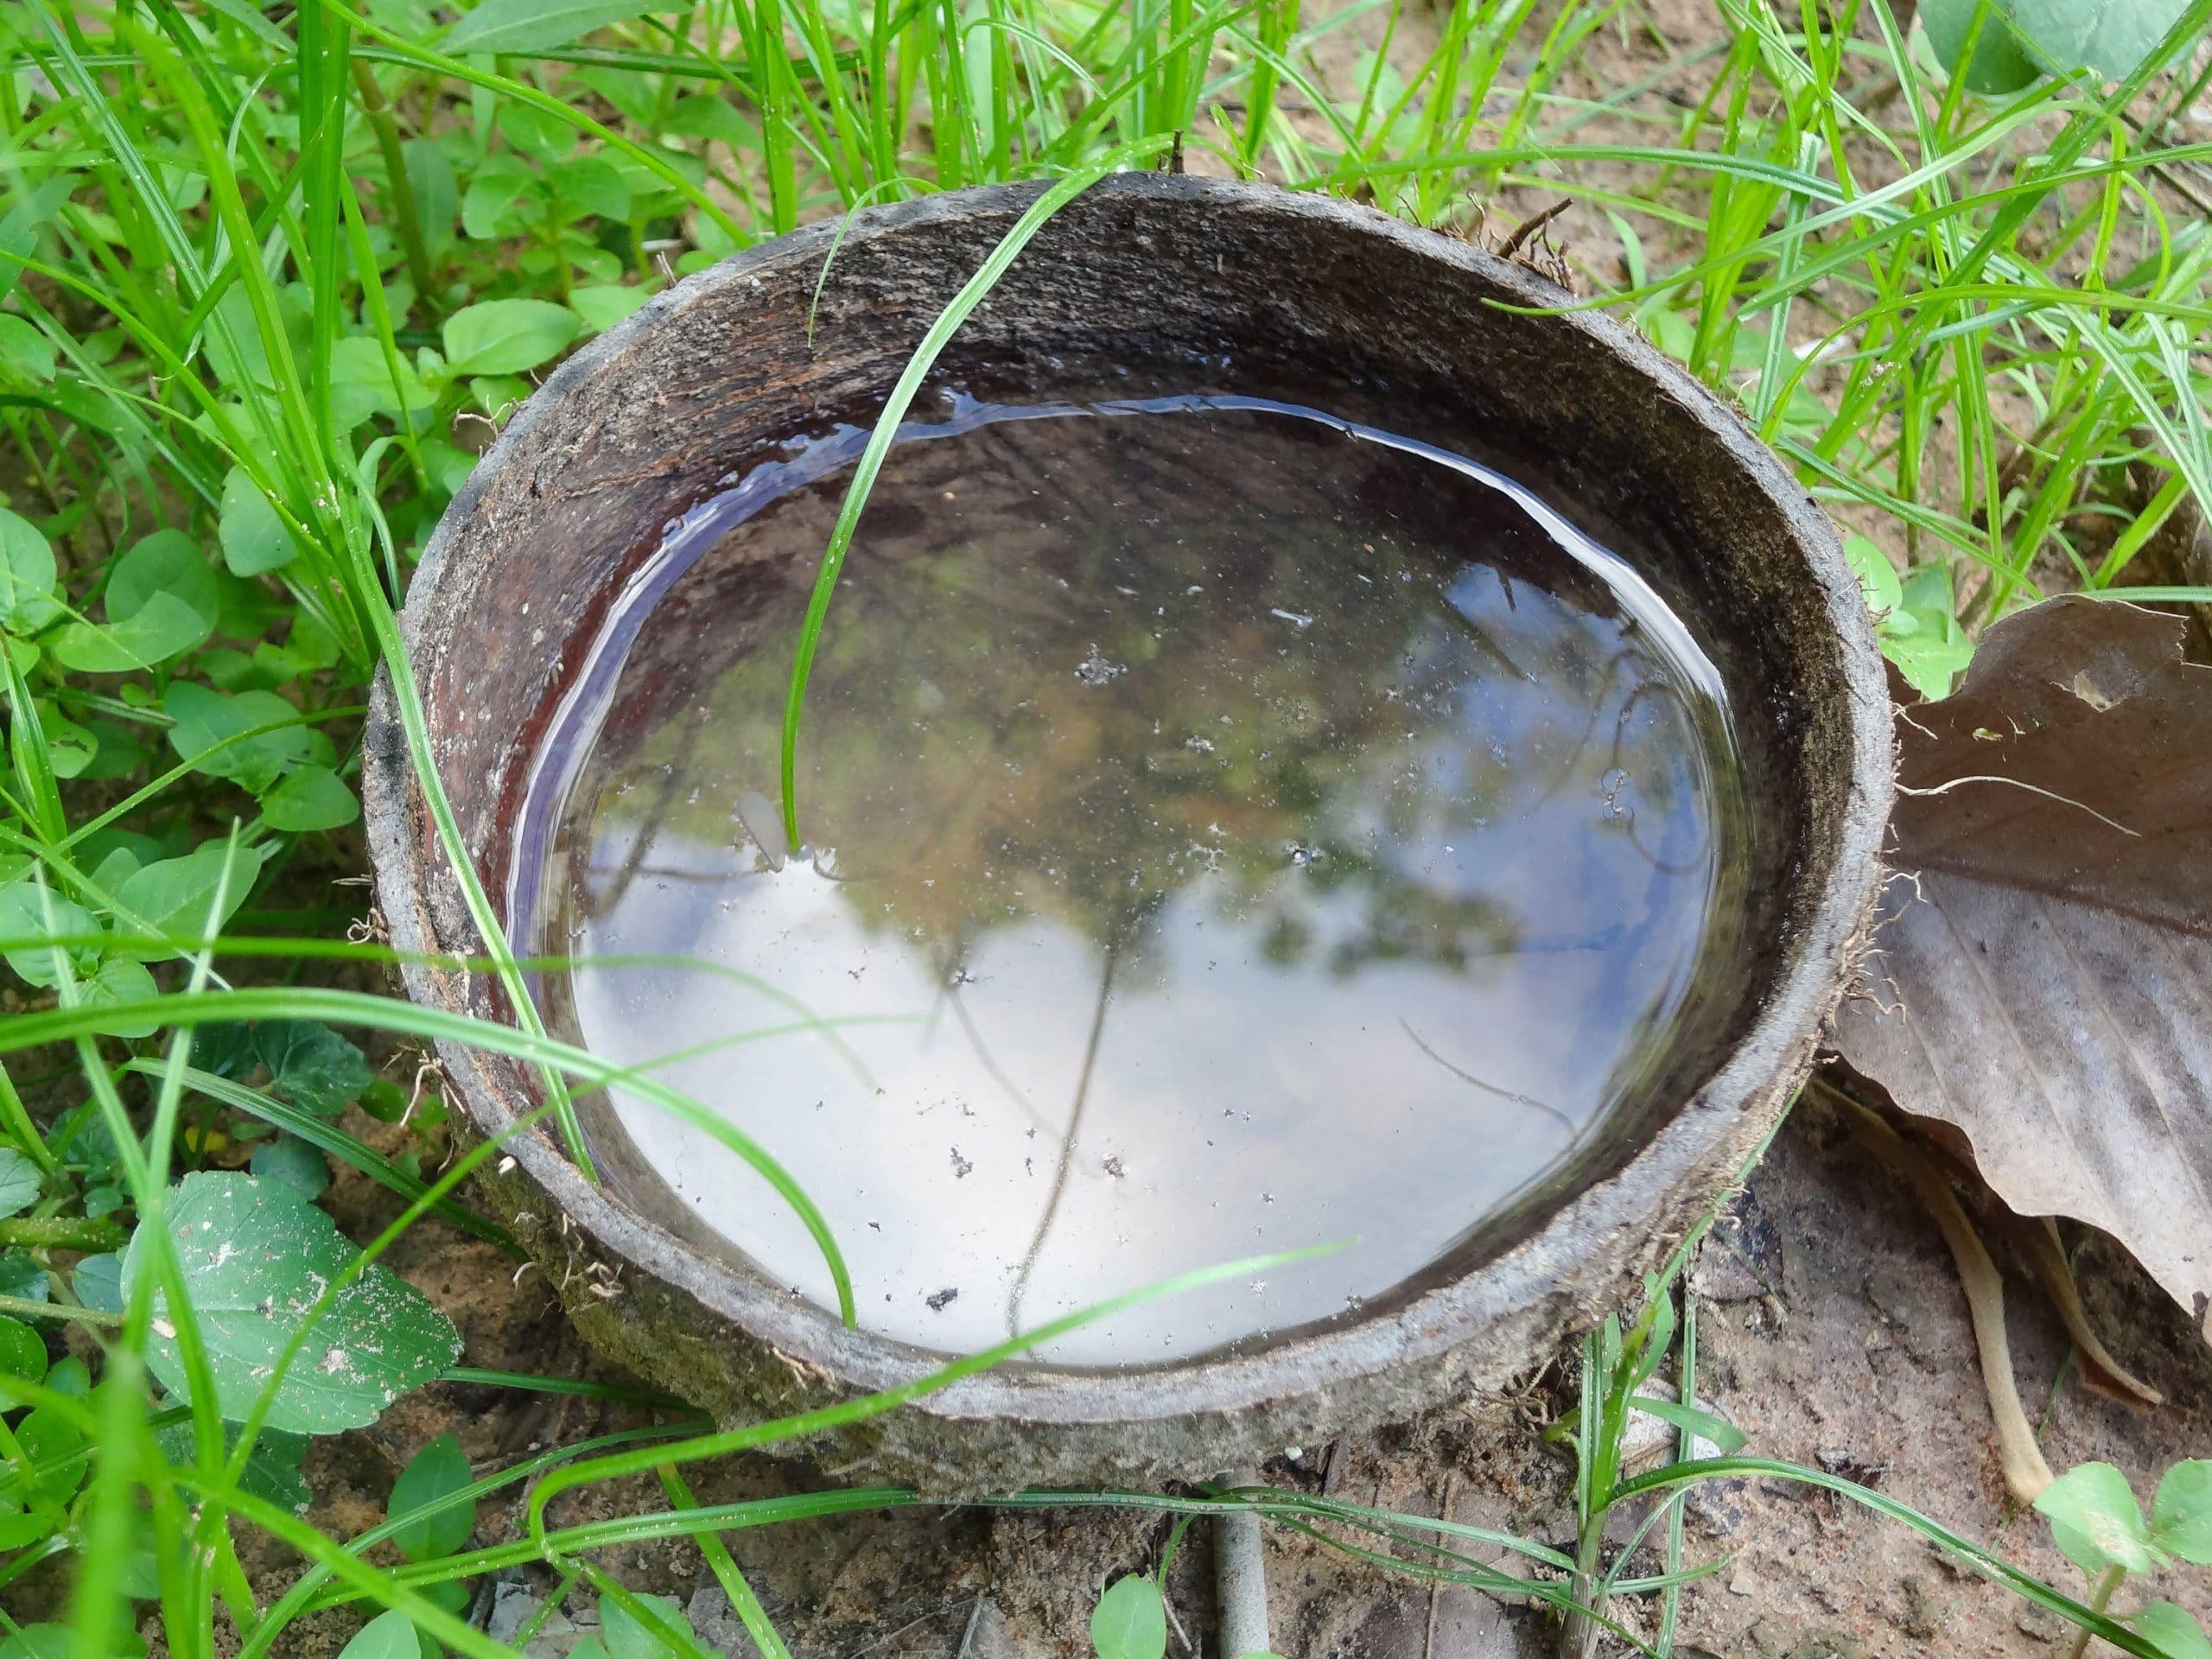 El agua estancada puede oler mal